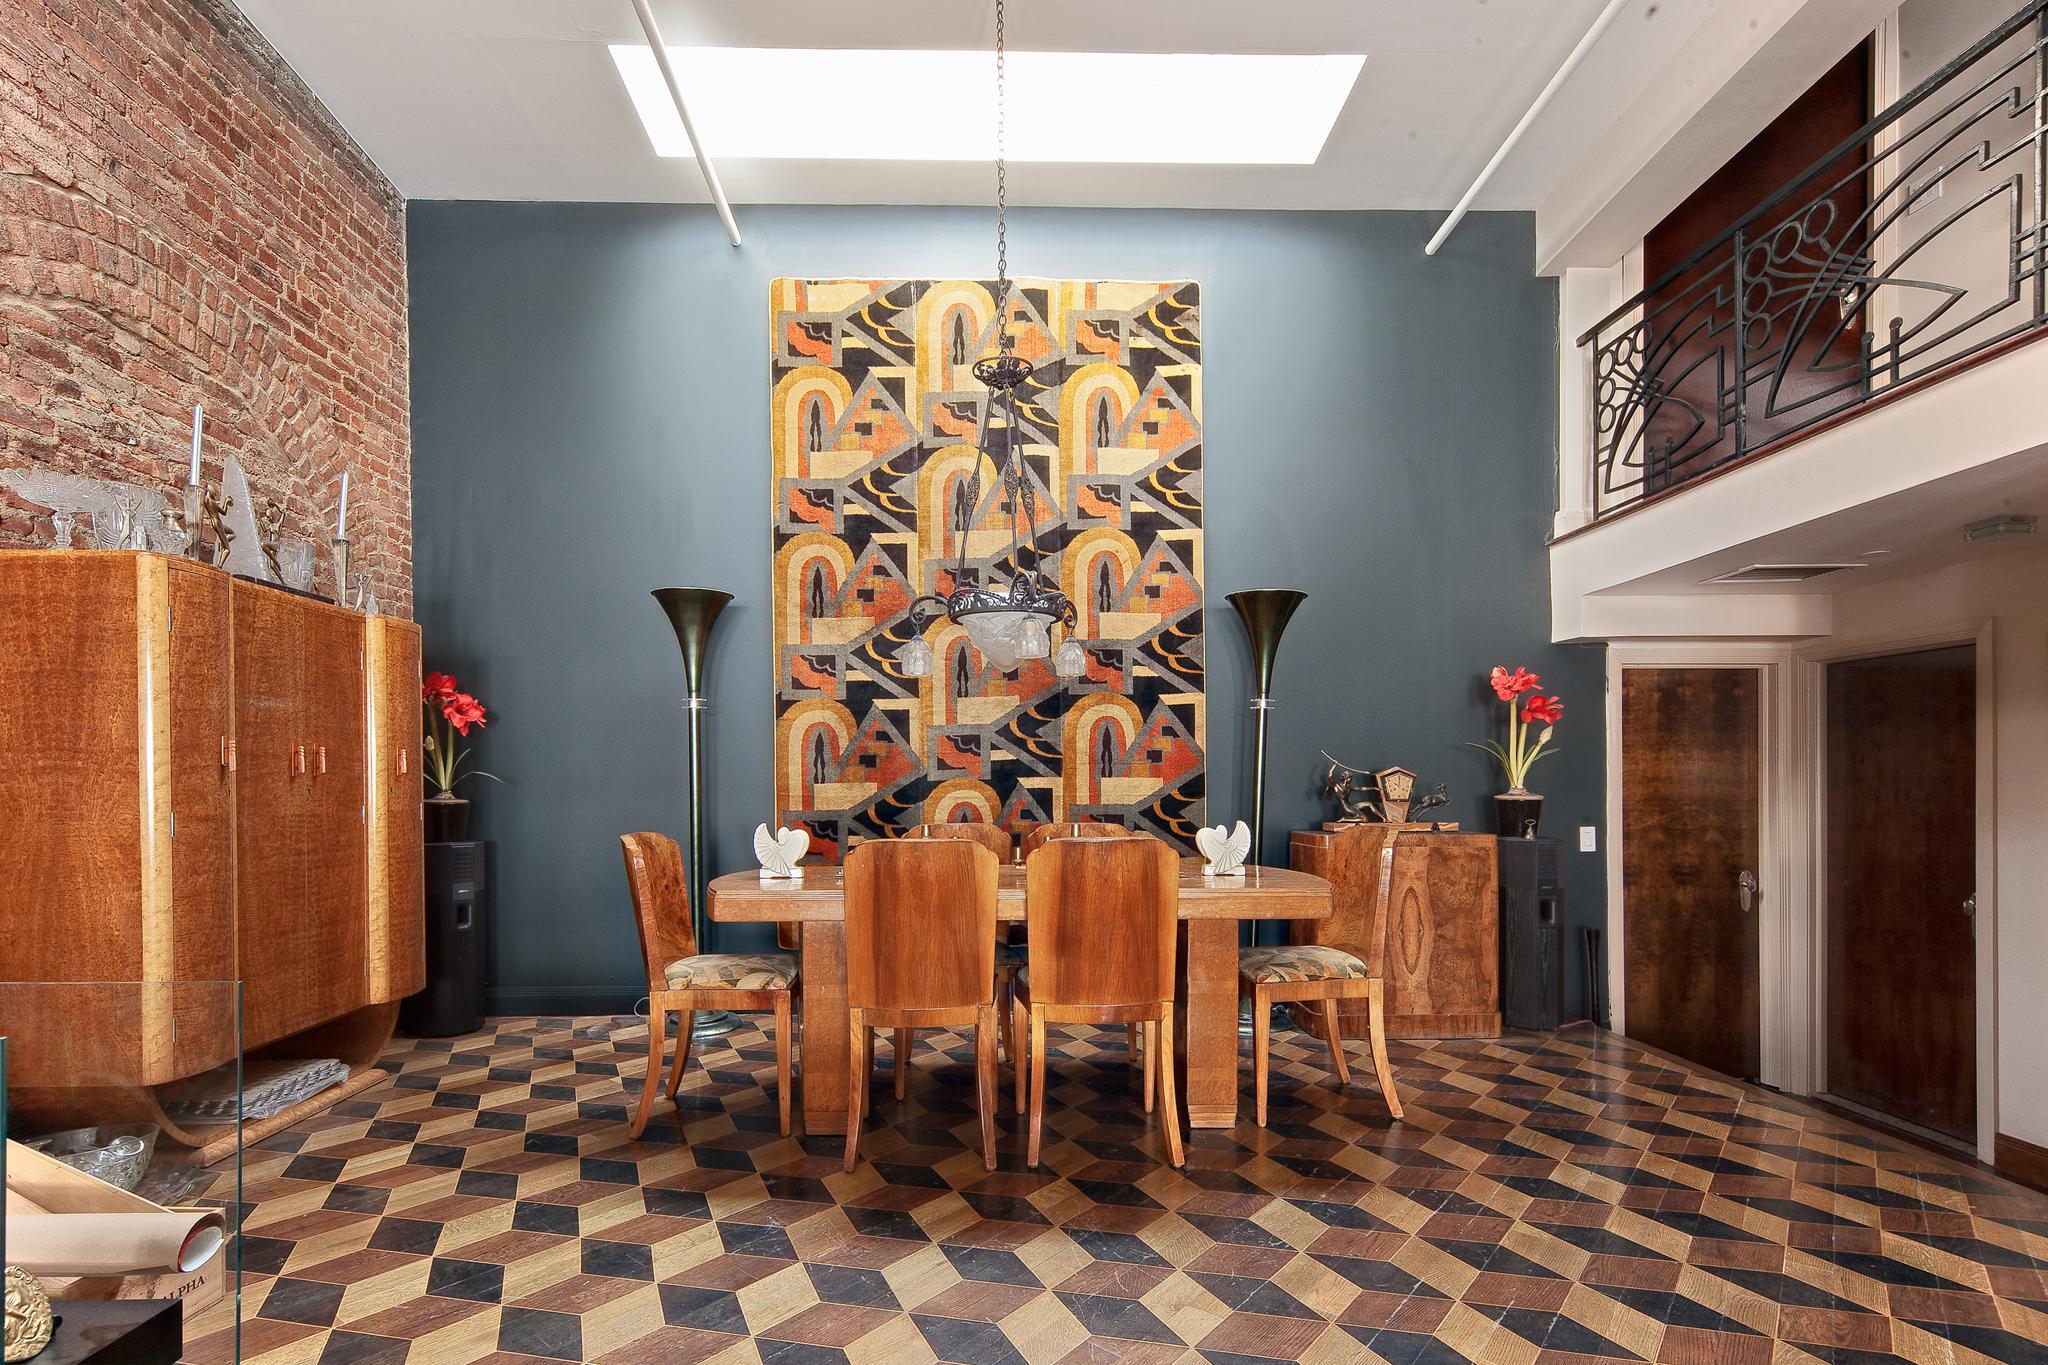 Art Deco Duane Street Residence